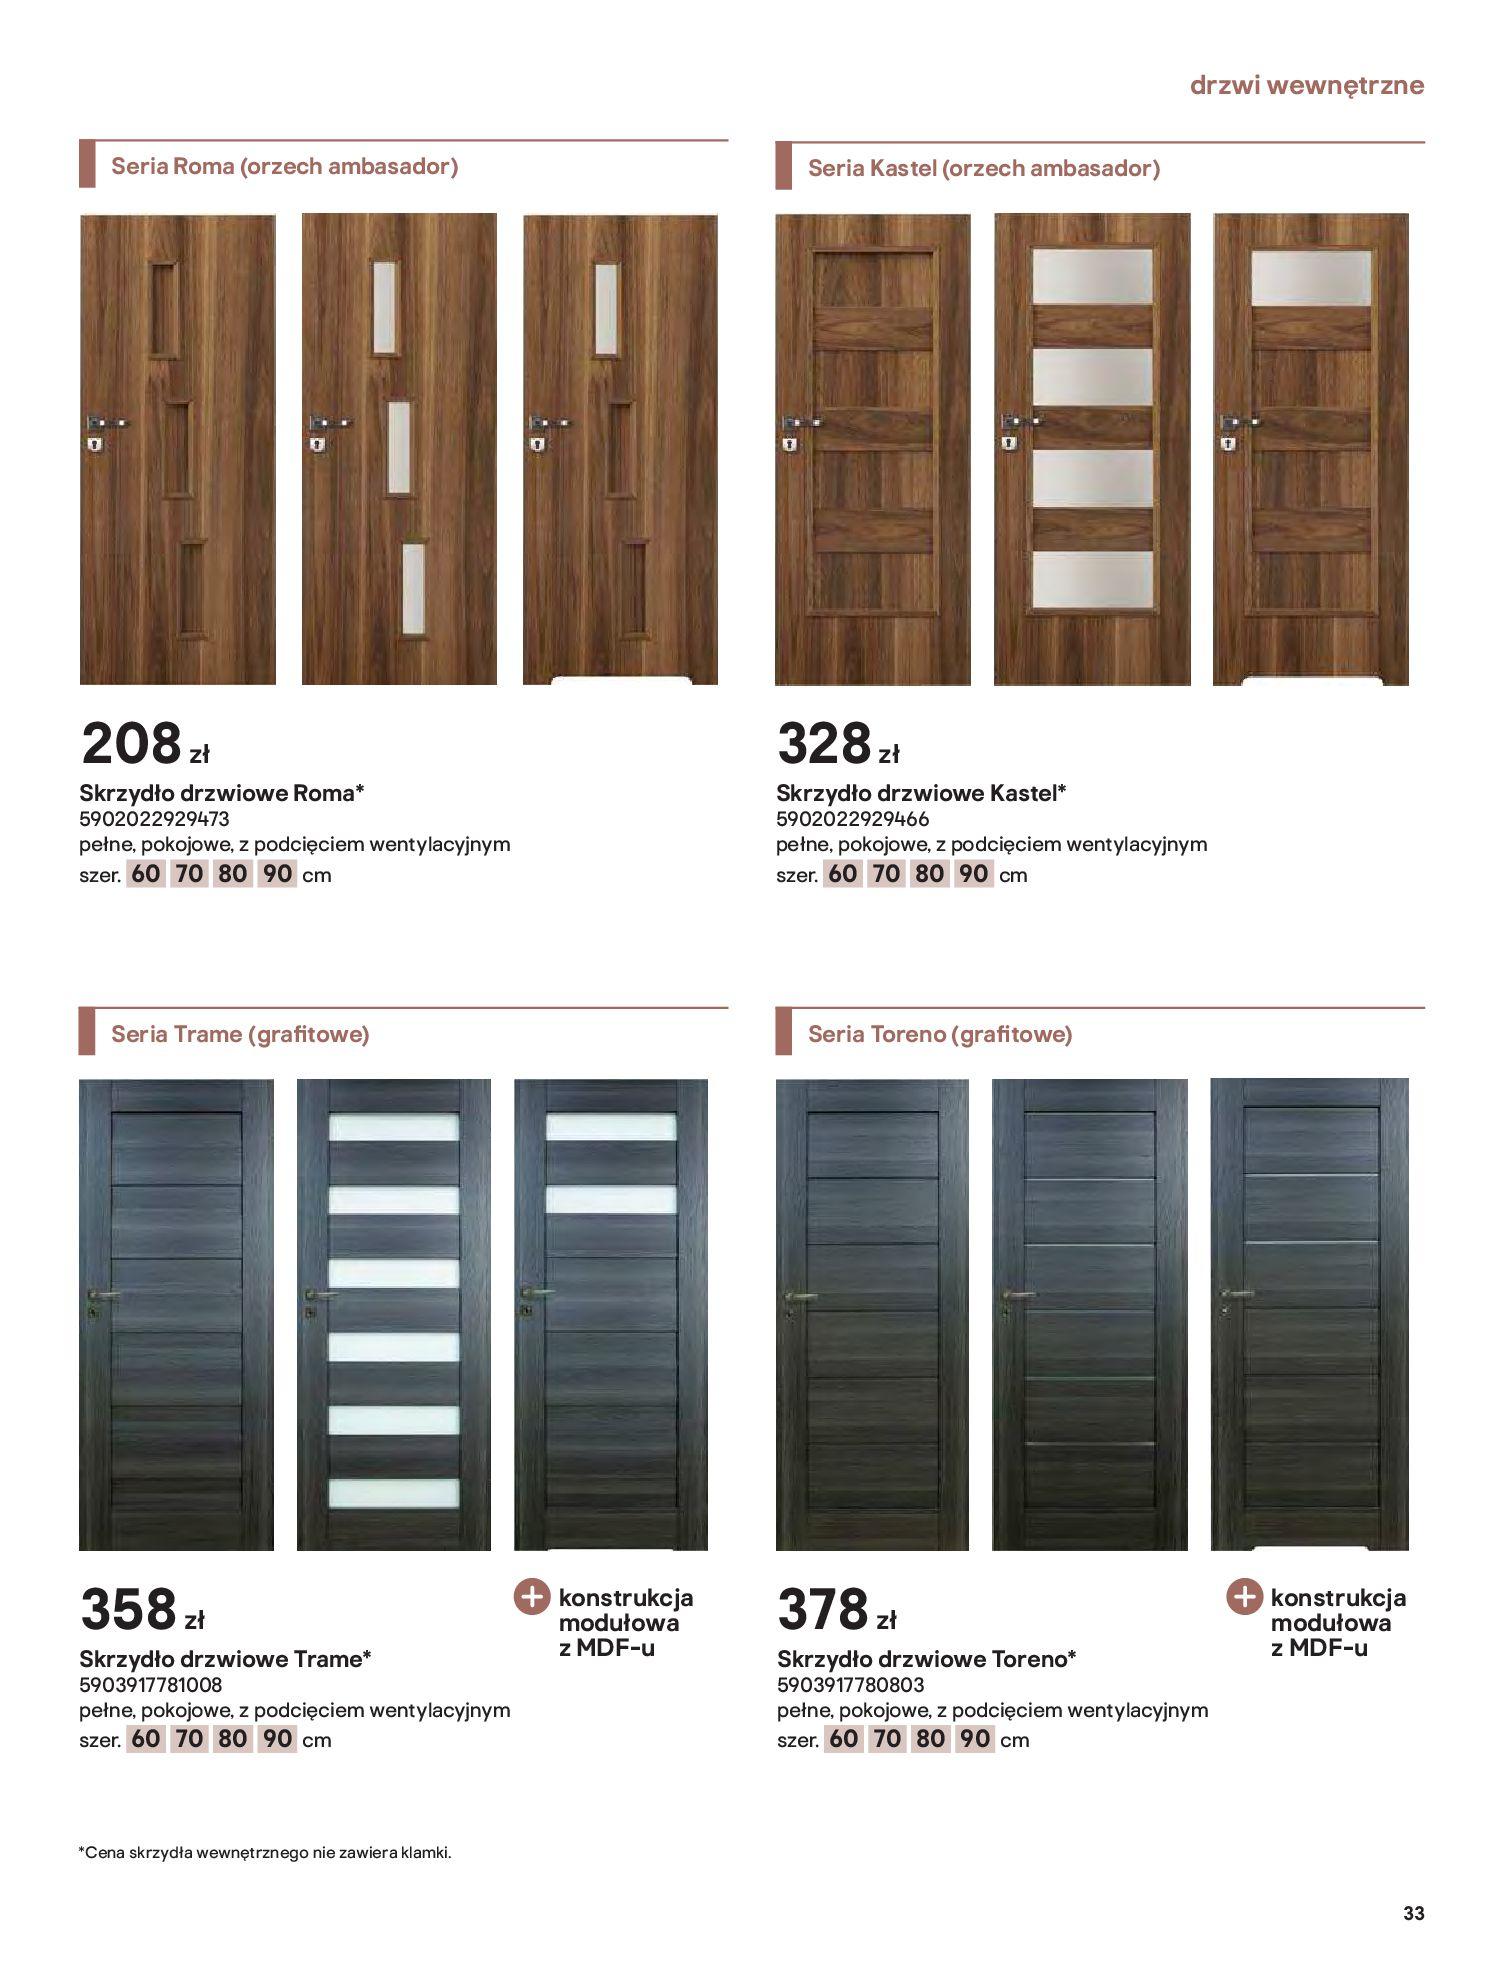 Gazetka Castorama: Gazetka Castorama - Przewodnik drzwi i podłogi 2021 2021-08-11 page-33